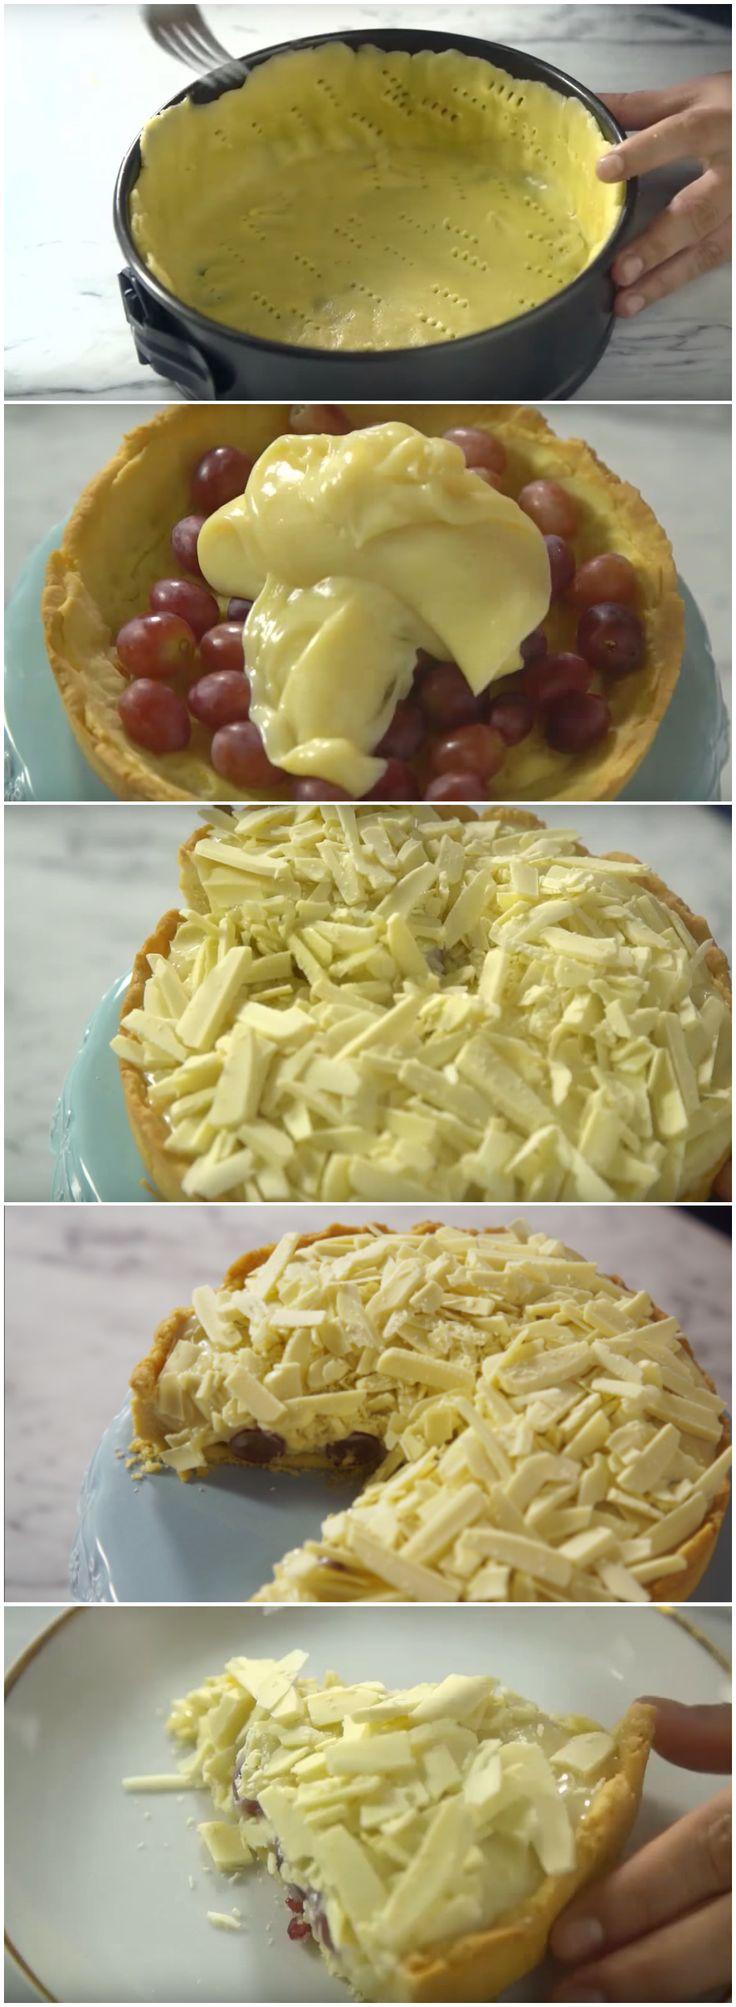 Torta de Brigadeiro Branco e Uvas, IRRESISTÍVEL! (veja a receita passo a passo) #torta #brigadeirobranco #uvas